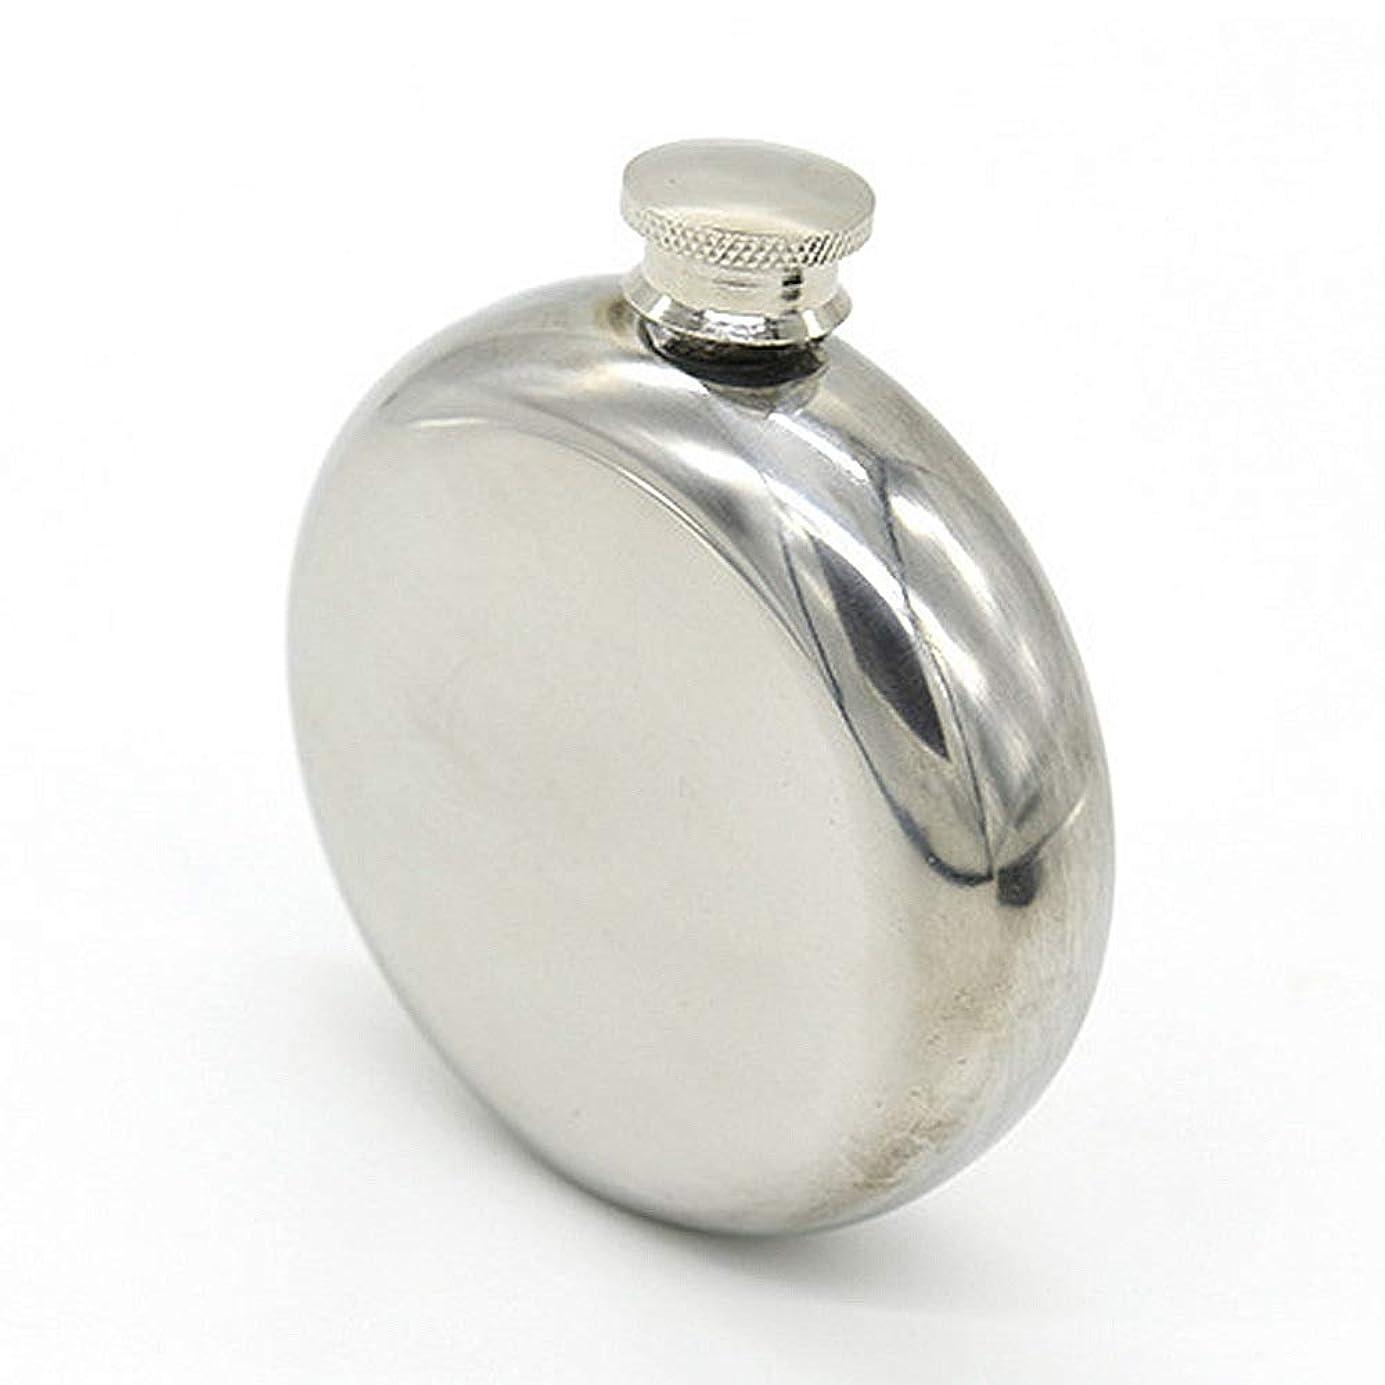 適応外向き植生フラスコ スキットル フラスコ - 5オンスのステンレス鋼のお酒、ウイスキー、スリムなポケットに漏れない簡単に注ぐのに最適なヒップフラスコ 携帯用 超軽便利